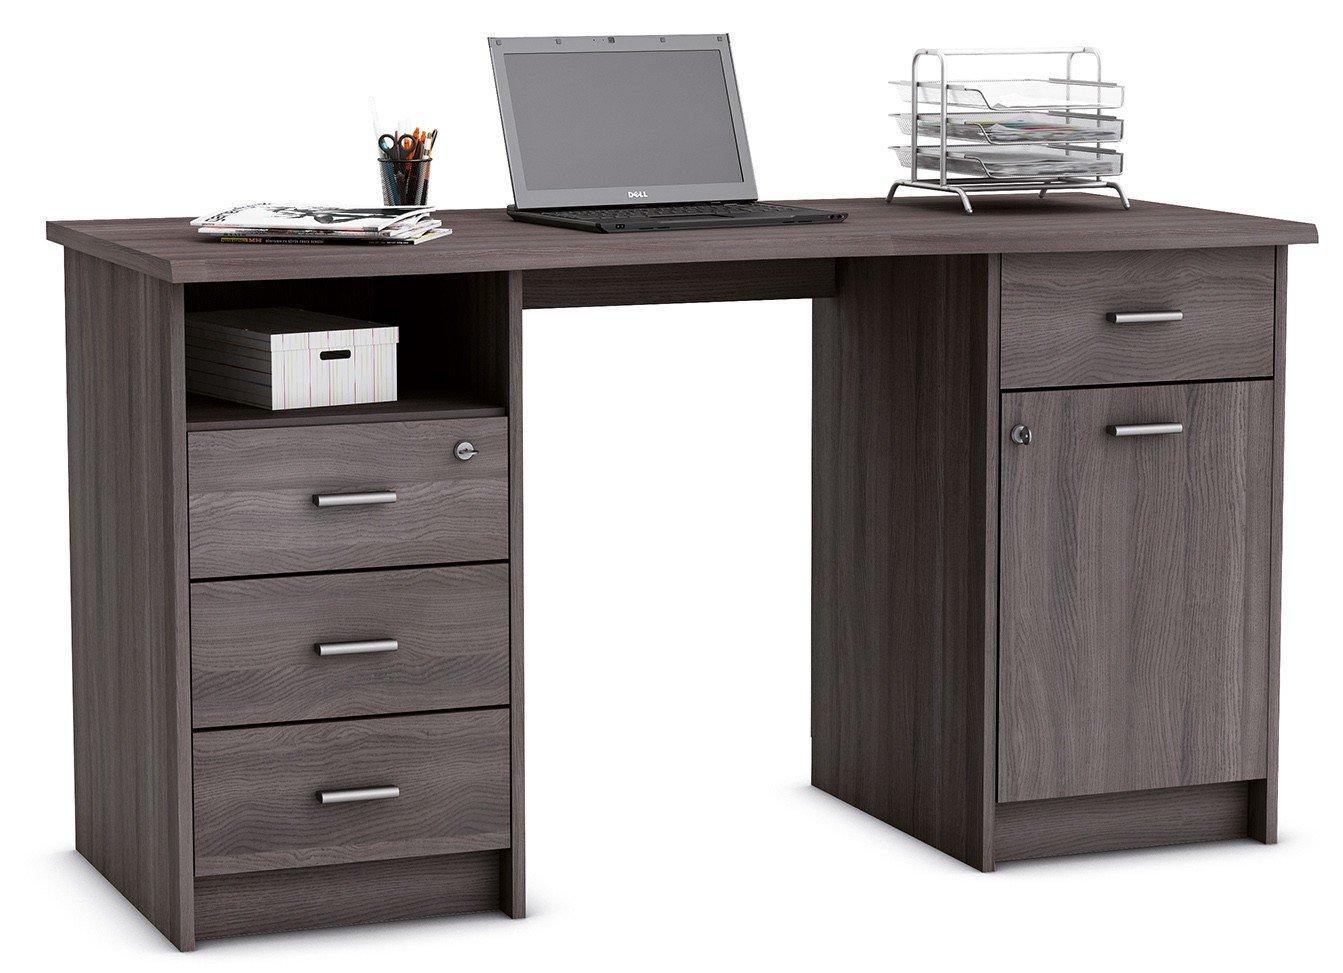 Schreibtisch eiche grau PC Computertisch Kinderschreibtisch Jugendschreibtisch Bürotisch Arbeitstisch Schülerschreibtisch Jugendzimmer